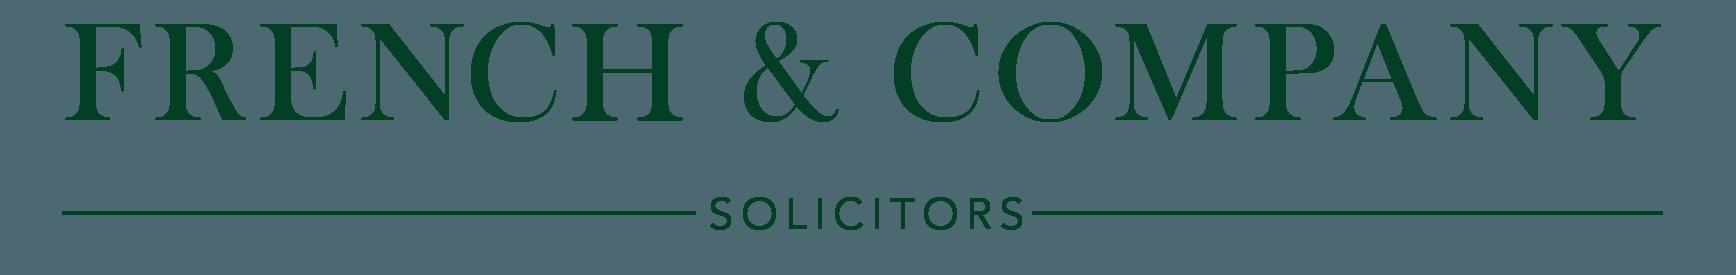 French & Co. company logo